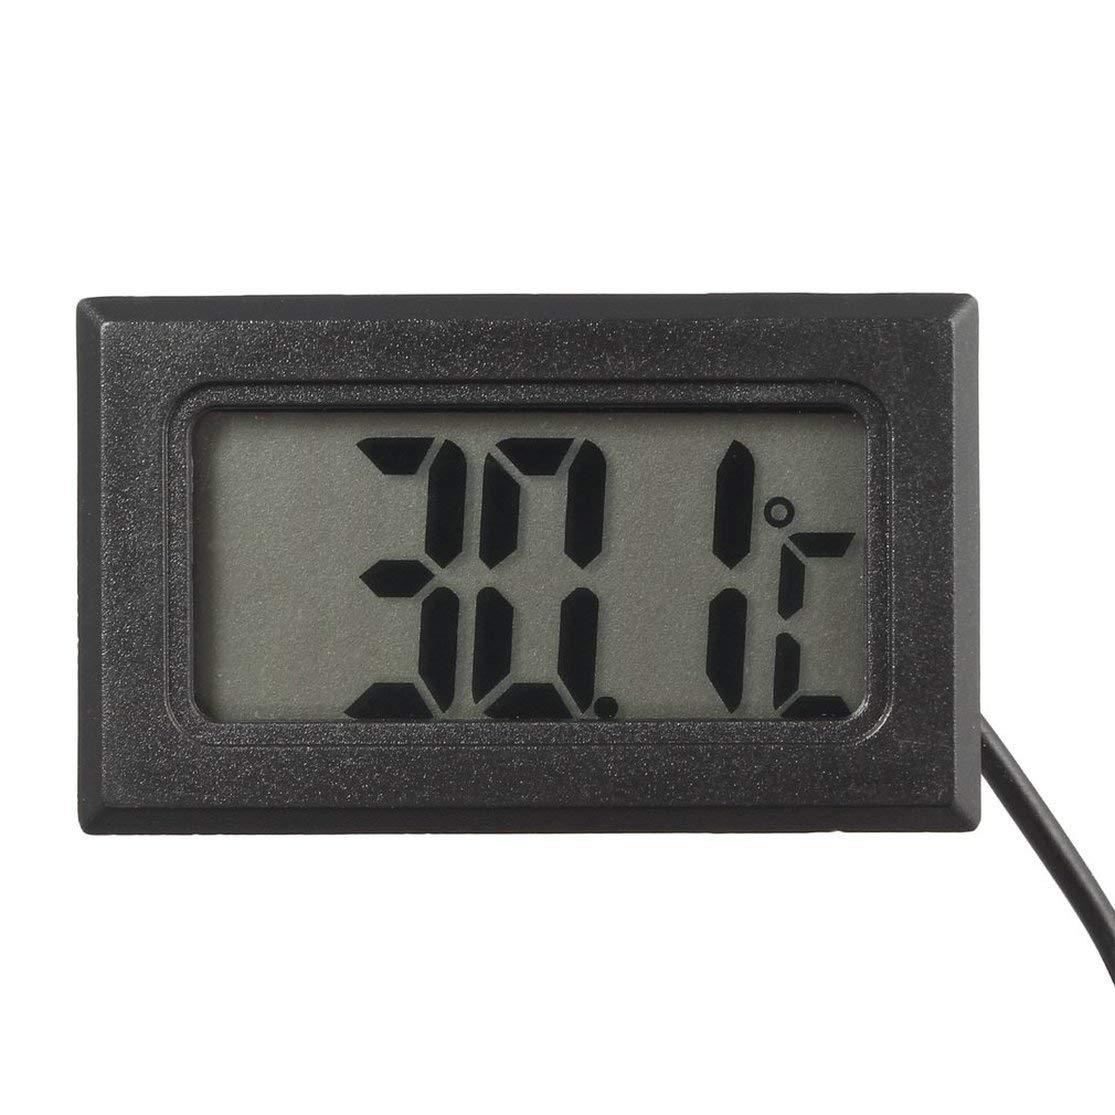 TL8009 Mini Digital Termómetro LCD para Frigorífico Congelador ...